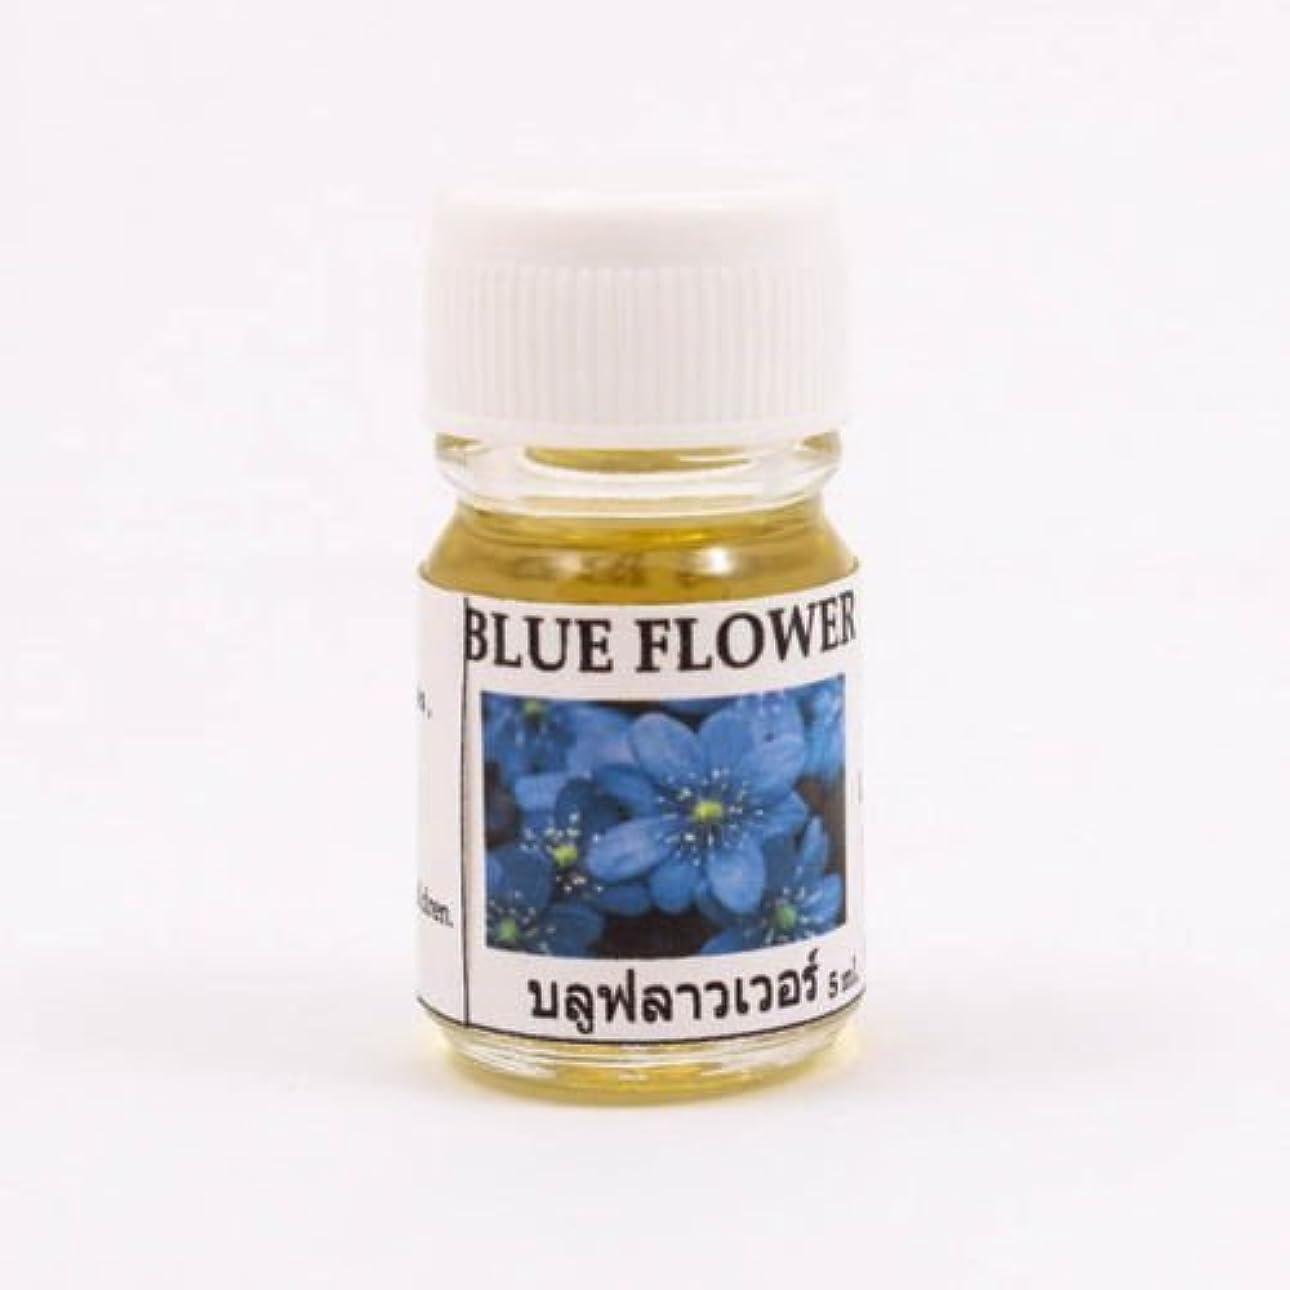 決定うめき彼自身6X Blue Flower Aroma Fragrance Essential Oil 5ML. Diffuser Burner Therapy